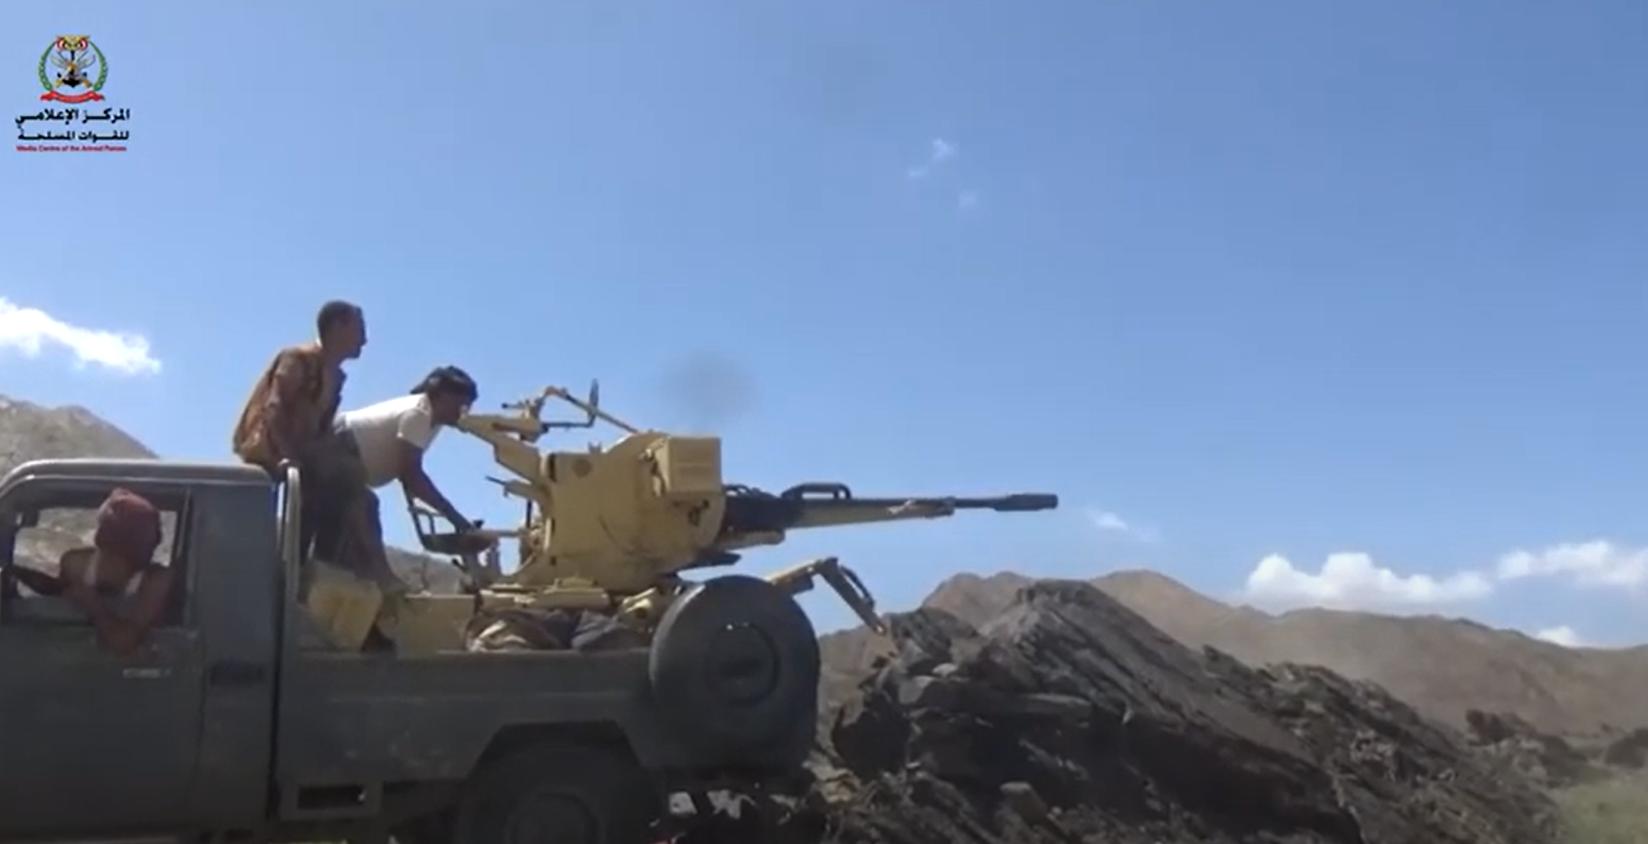 من القتال في جبهة ماهلية جنوب محافظة مأرب (أرشيفية)